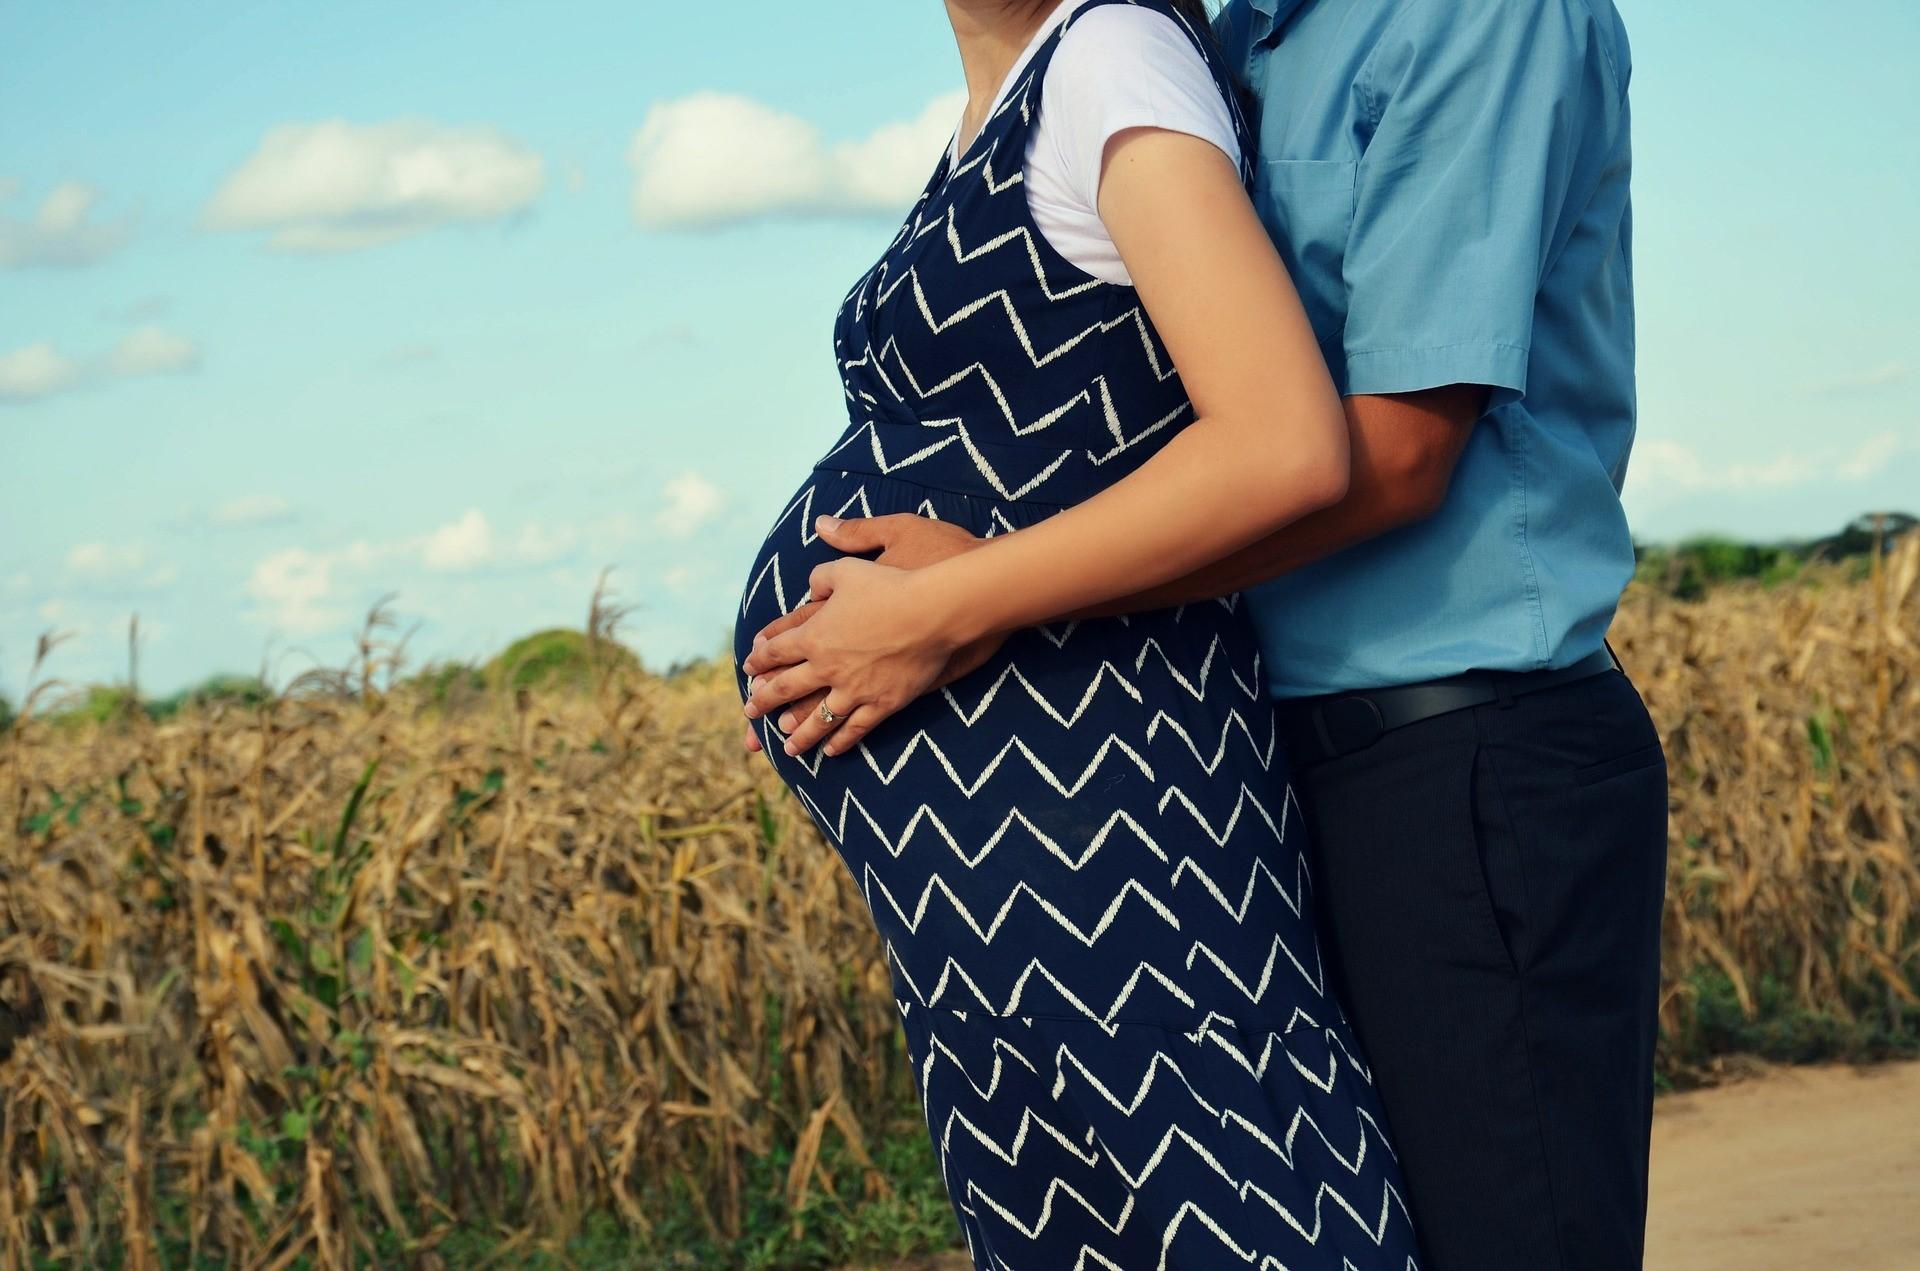 35歳未満の妊婦さんが新型出生前診断を受ける方法とは?